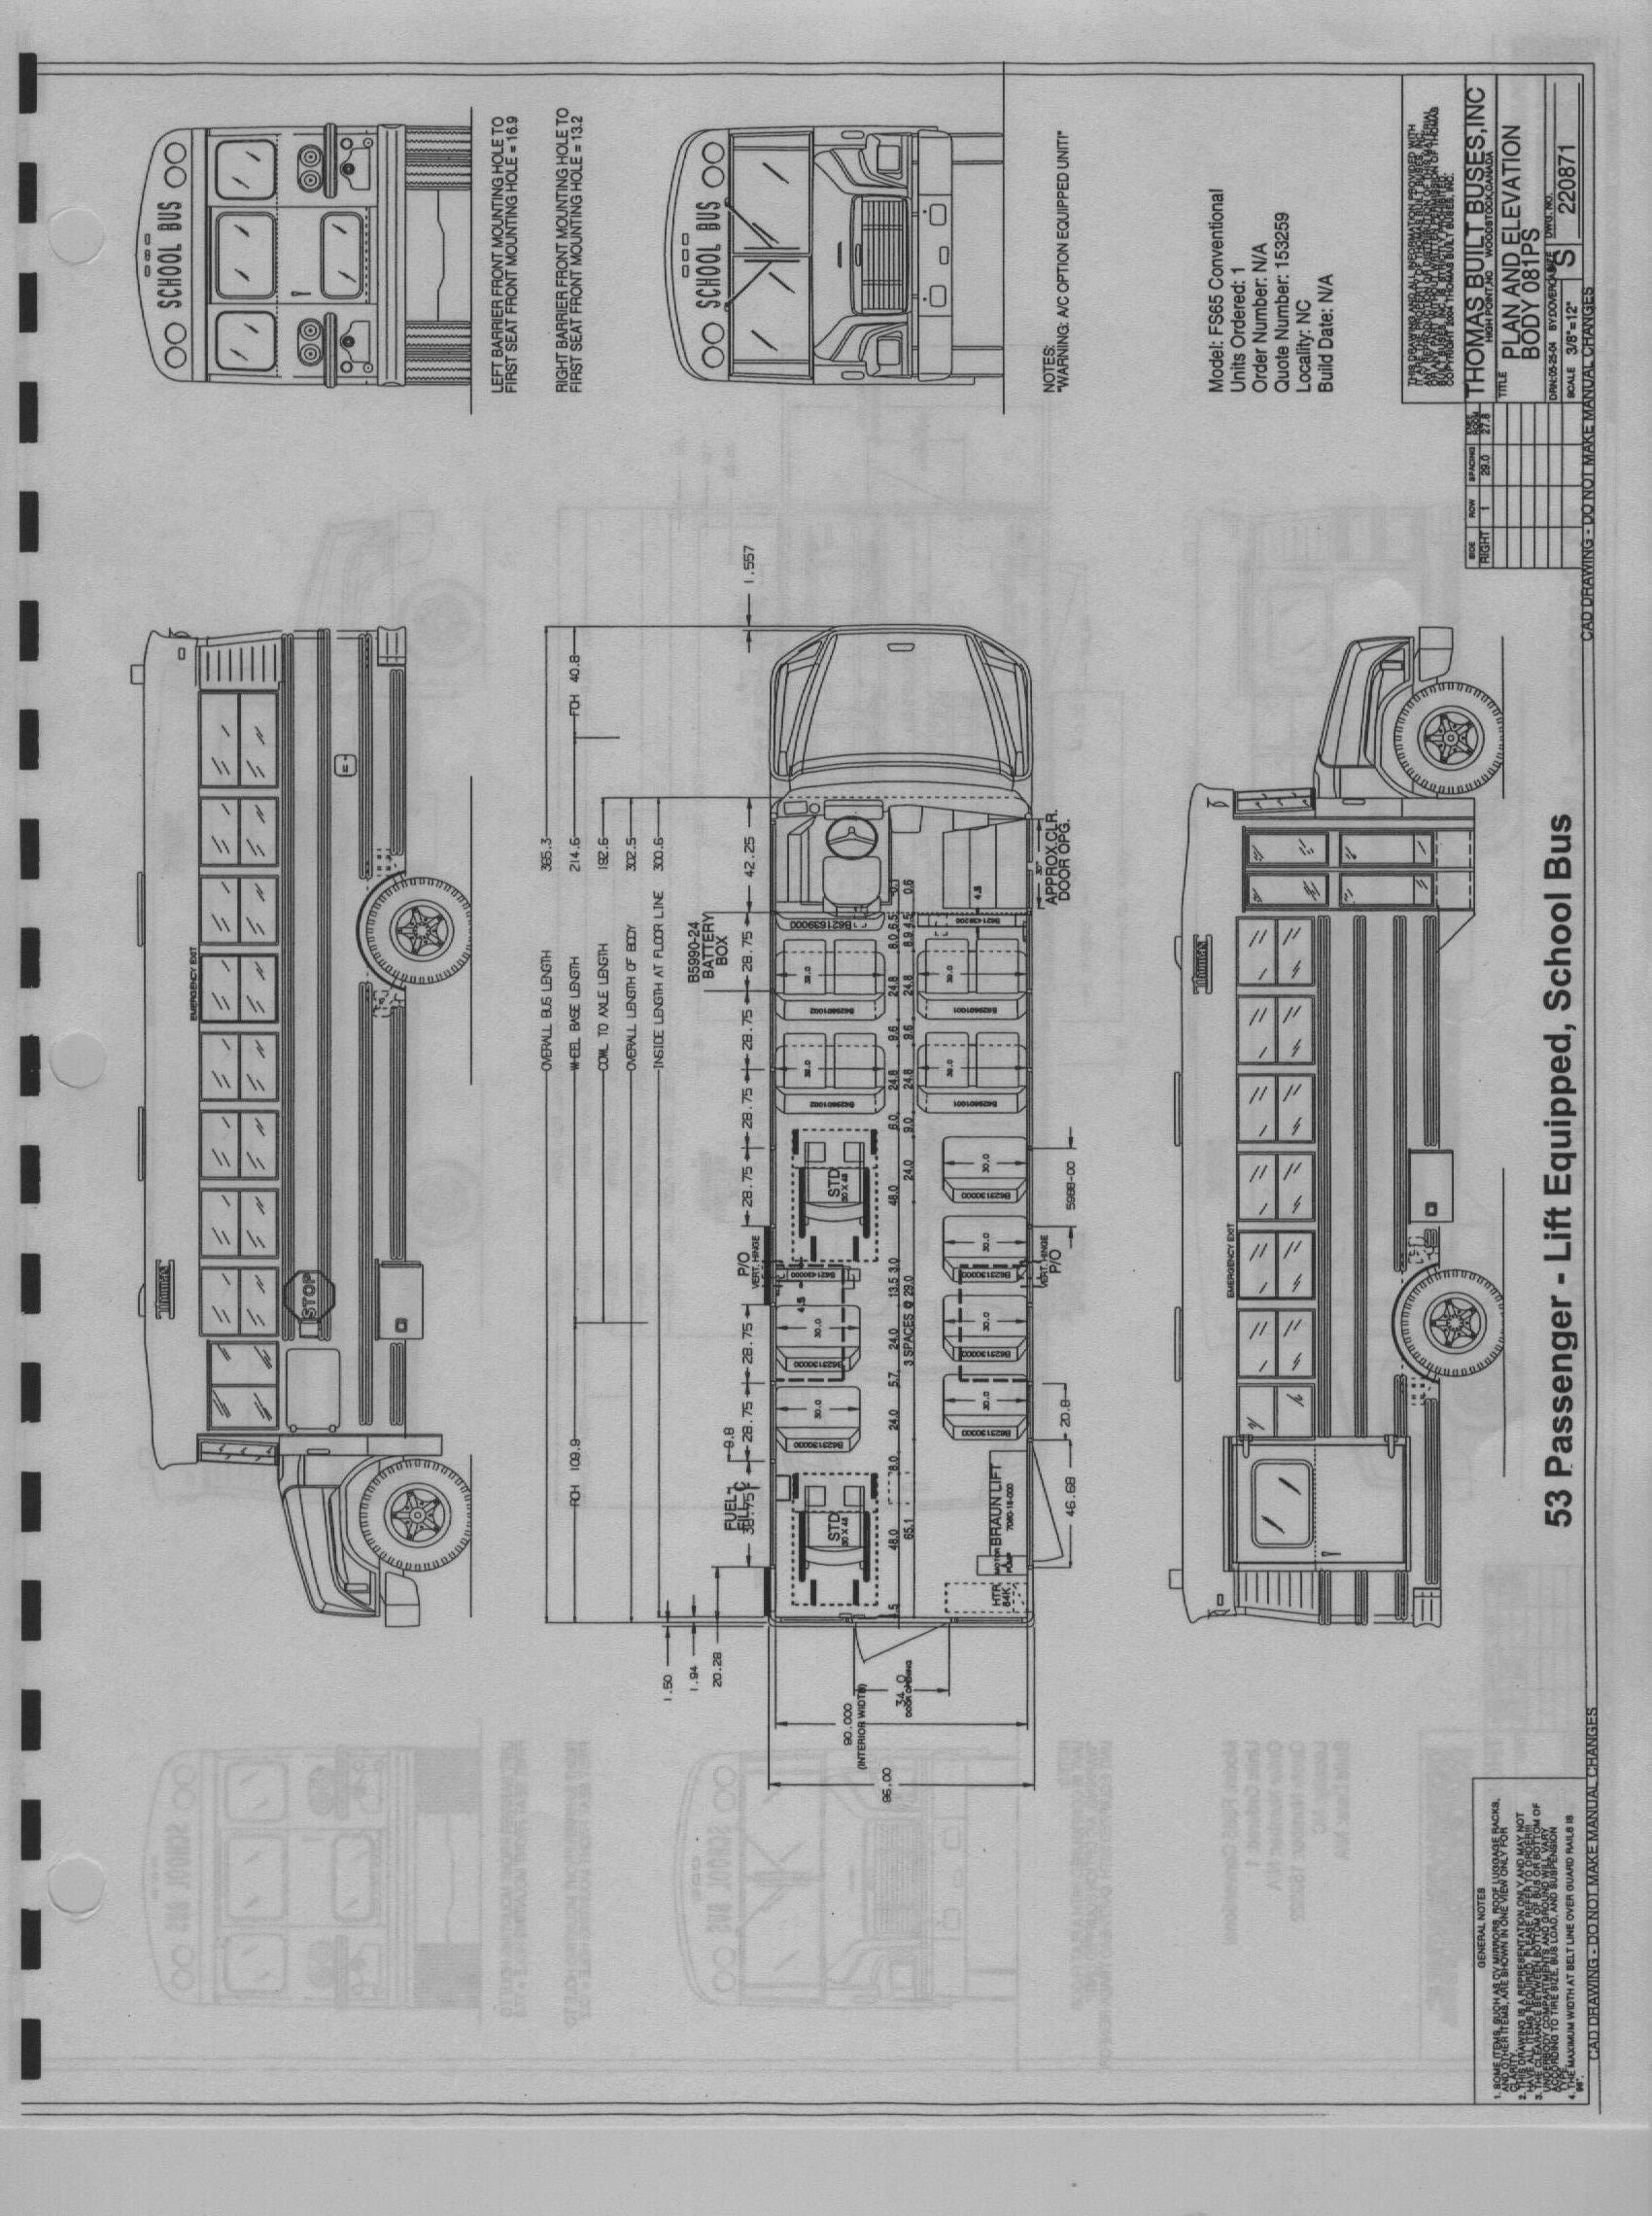 Freightliner Fs65 Wiring Diagram